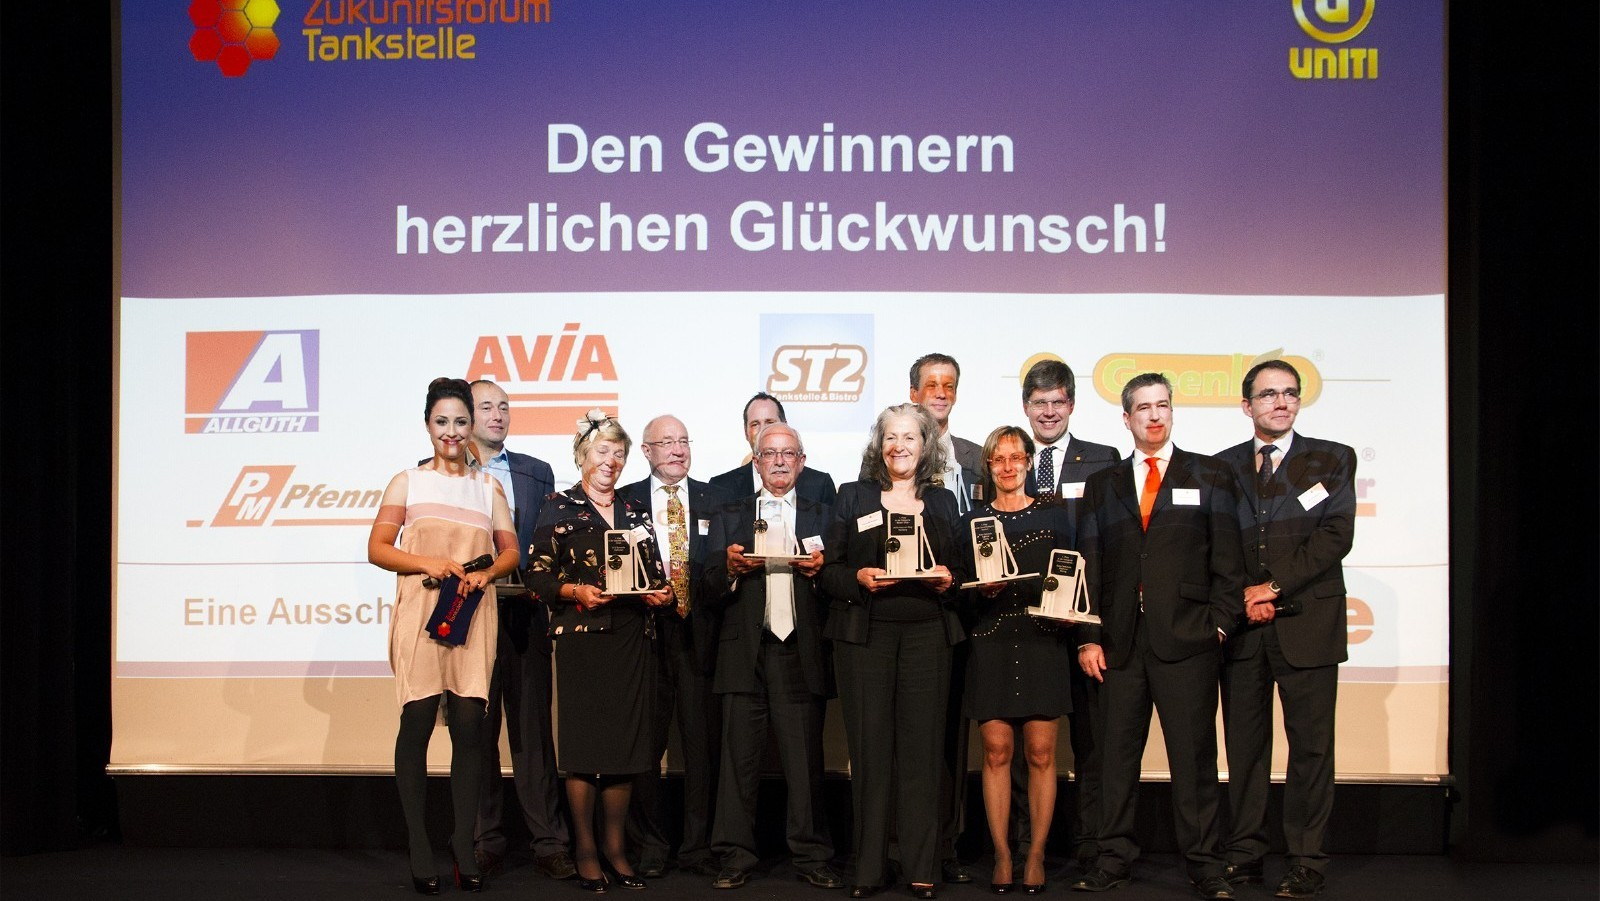 Die Preisträger der unterschiedlichen Kategorien gemeinsam auf der Bühne auf den Rheinterrassen.